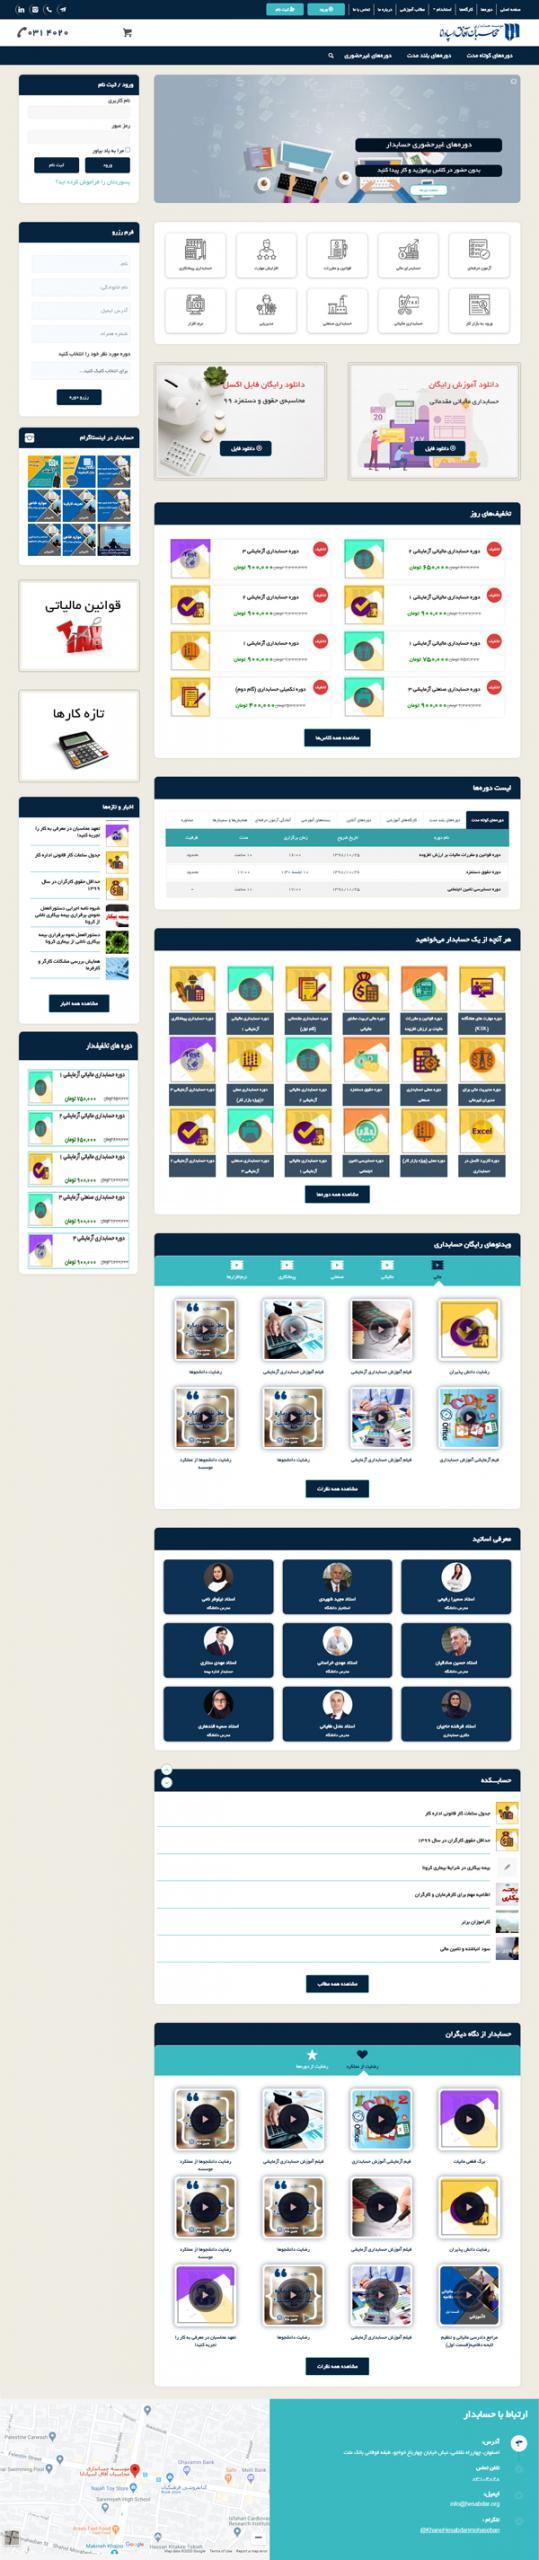 طراحی سایت حسابدار | آموزش آنلاین حسابداری